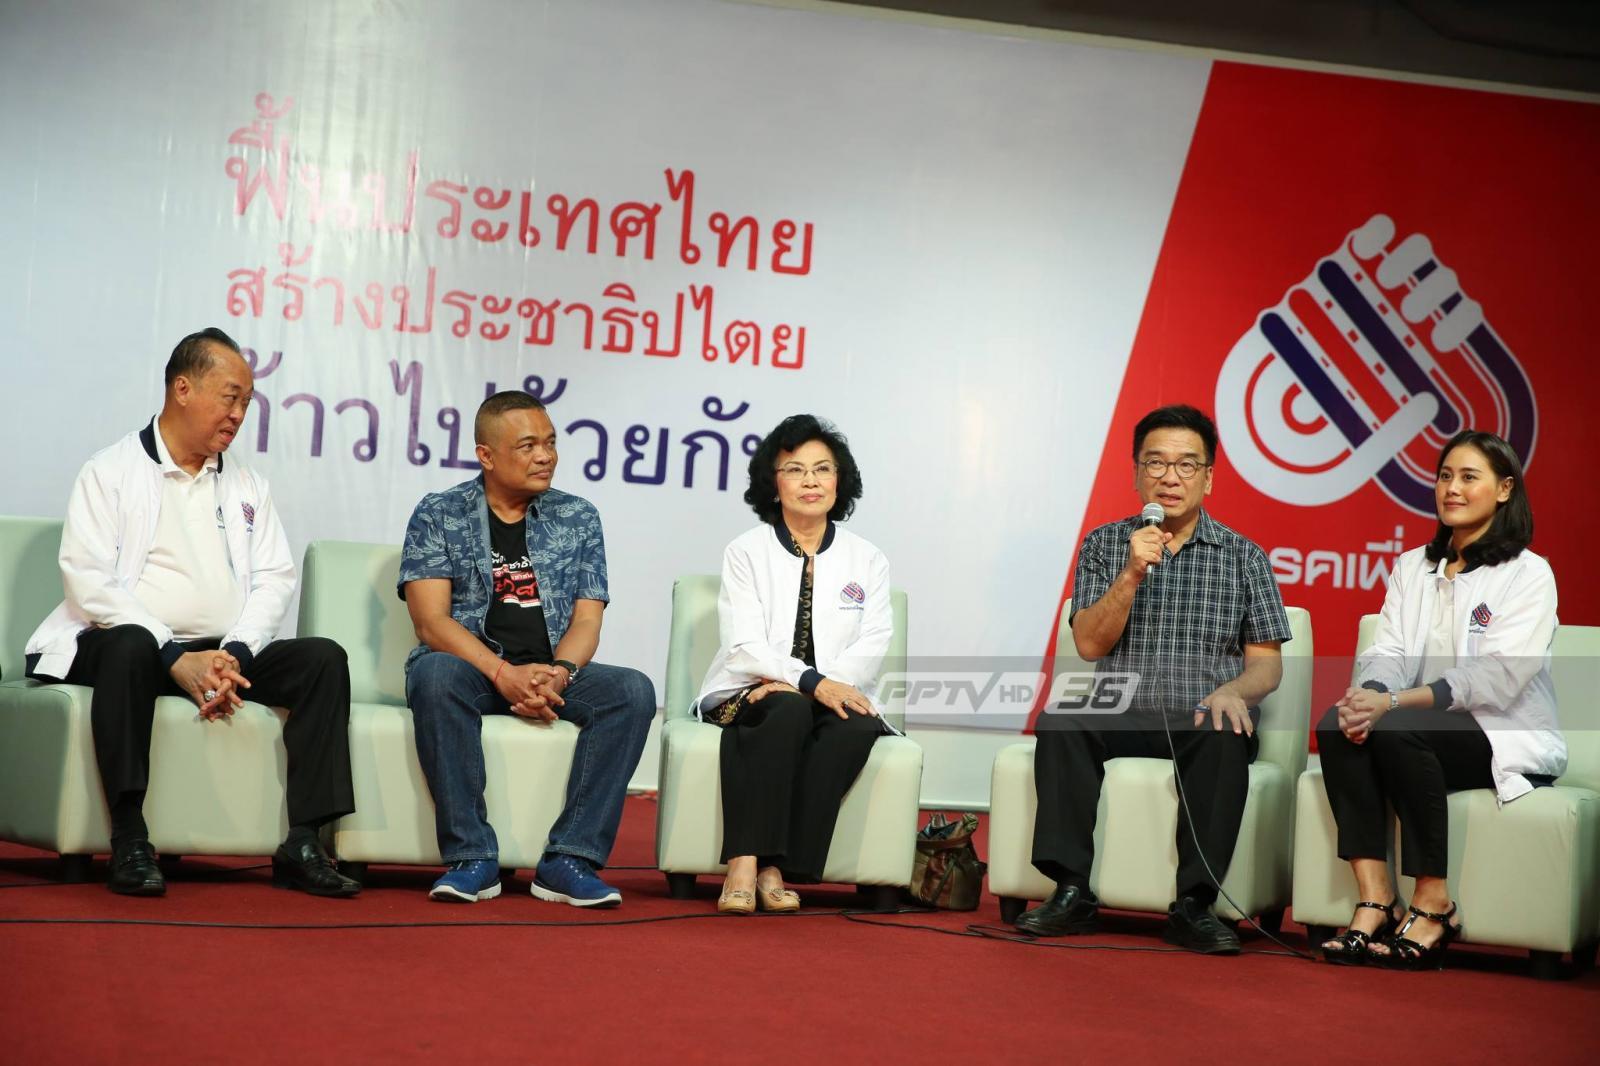 """พรรคเพื่อชาติ ประกาศนำ """"ทักษิณ"""" กลับไทยเข้ากระบวนการยุติธรรม"""